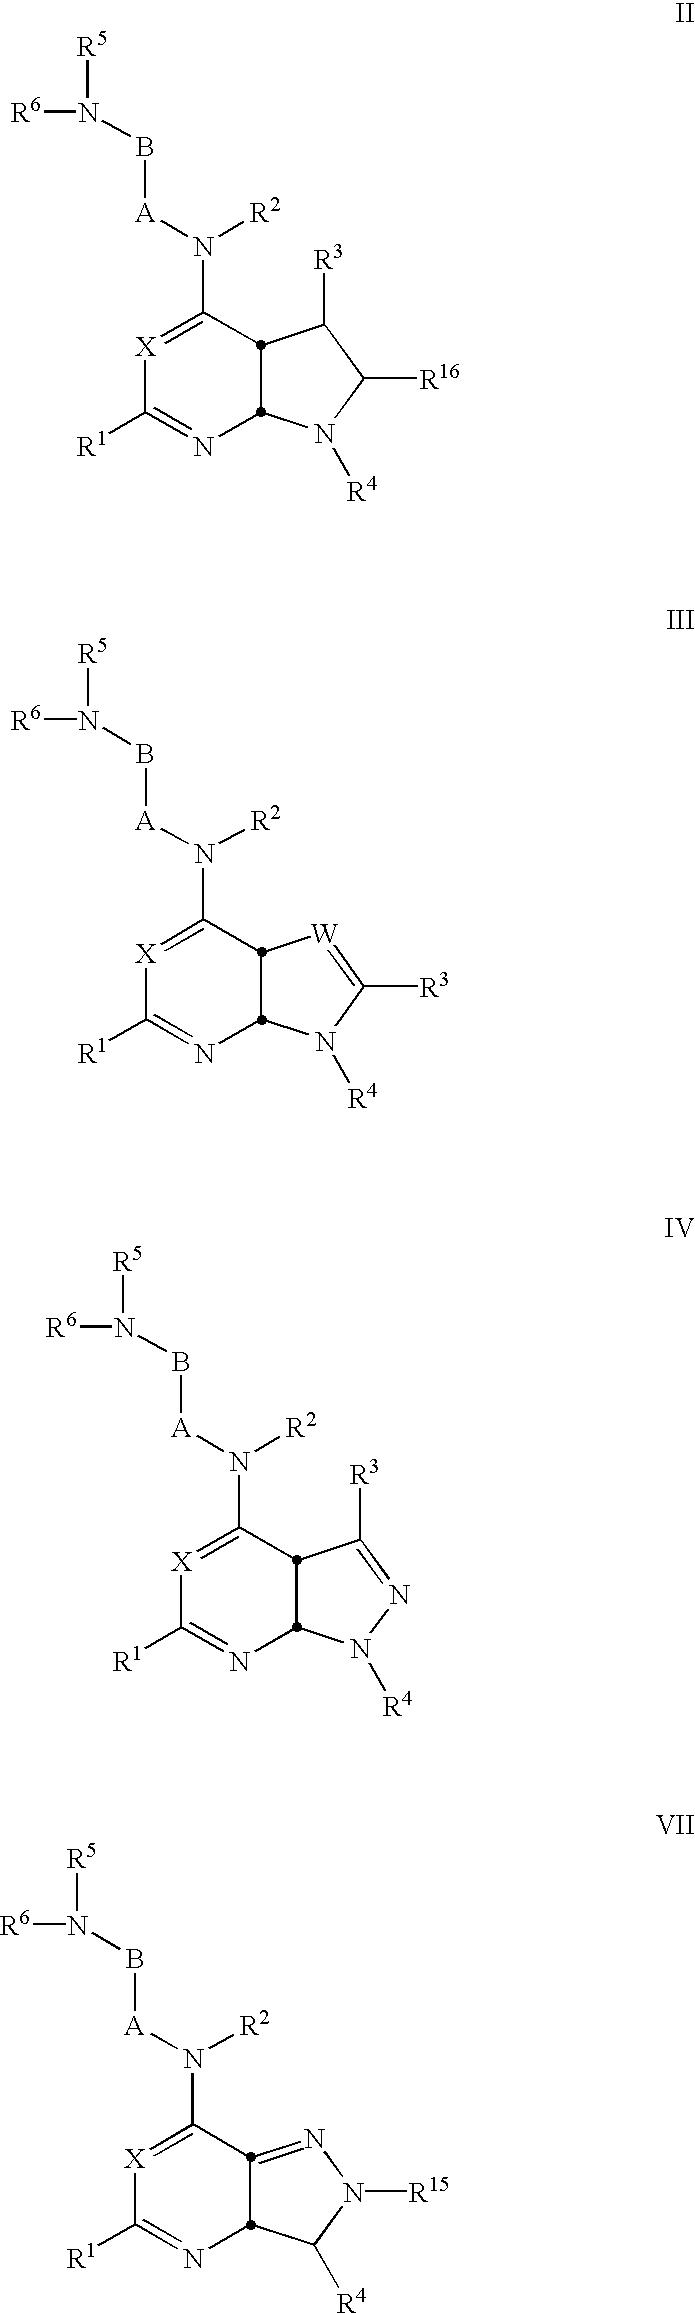 Figure US06506762-20030114-C00103